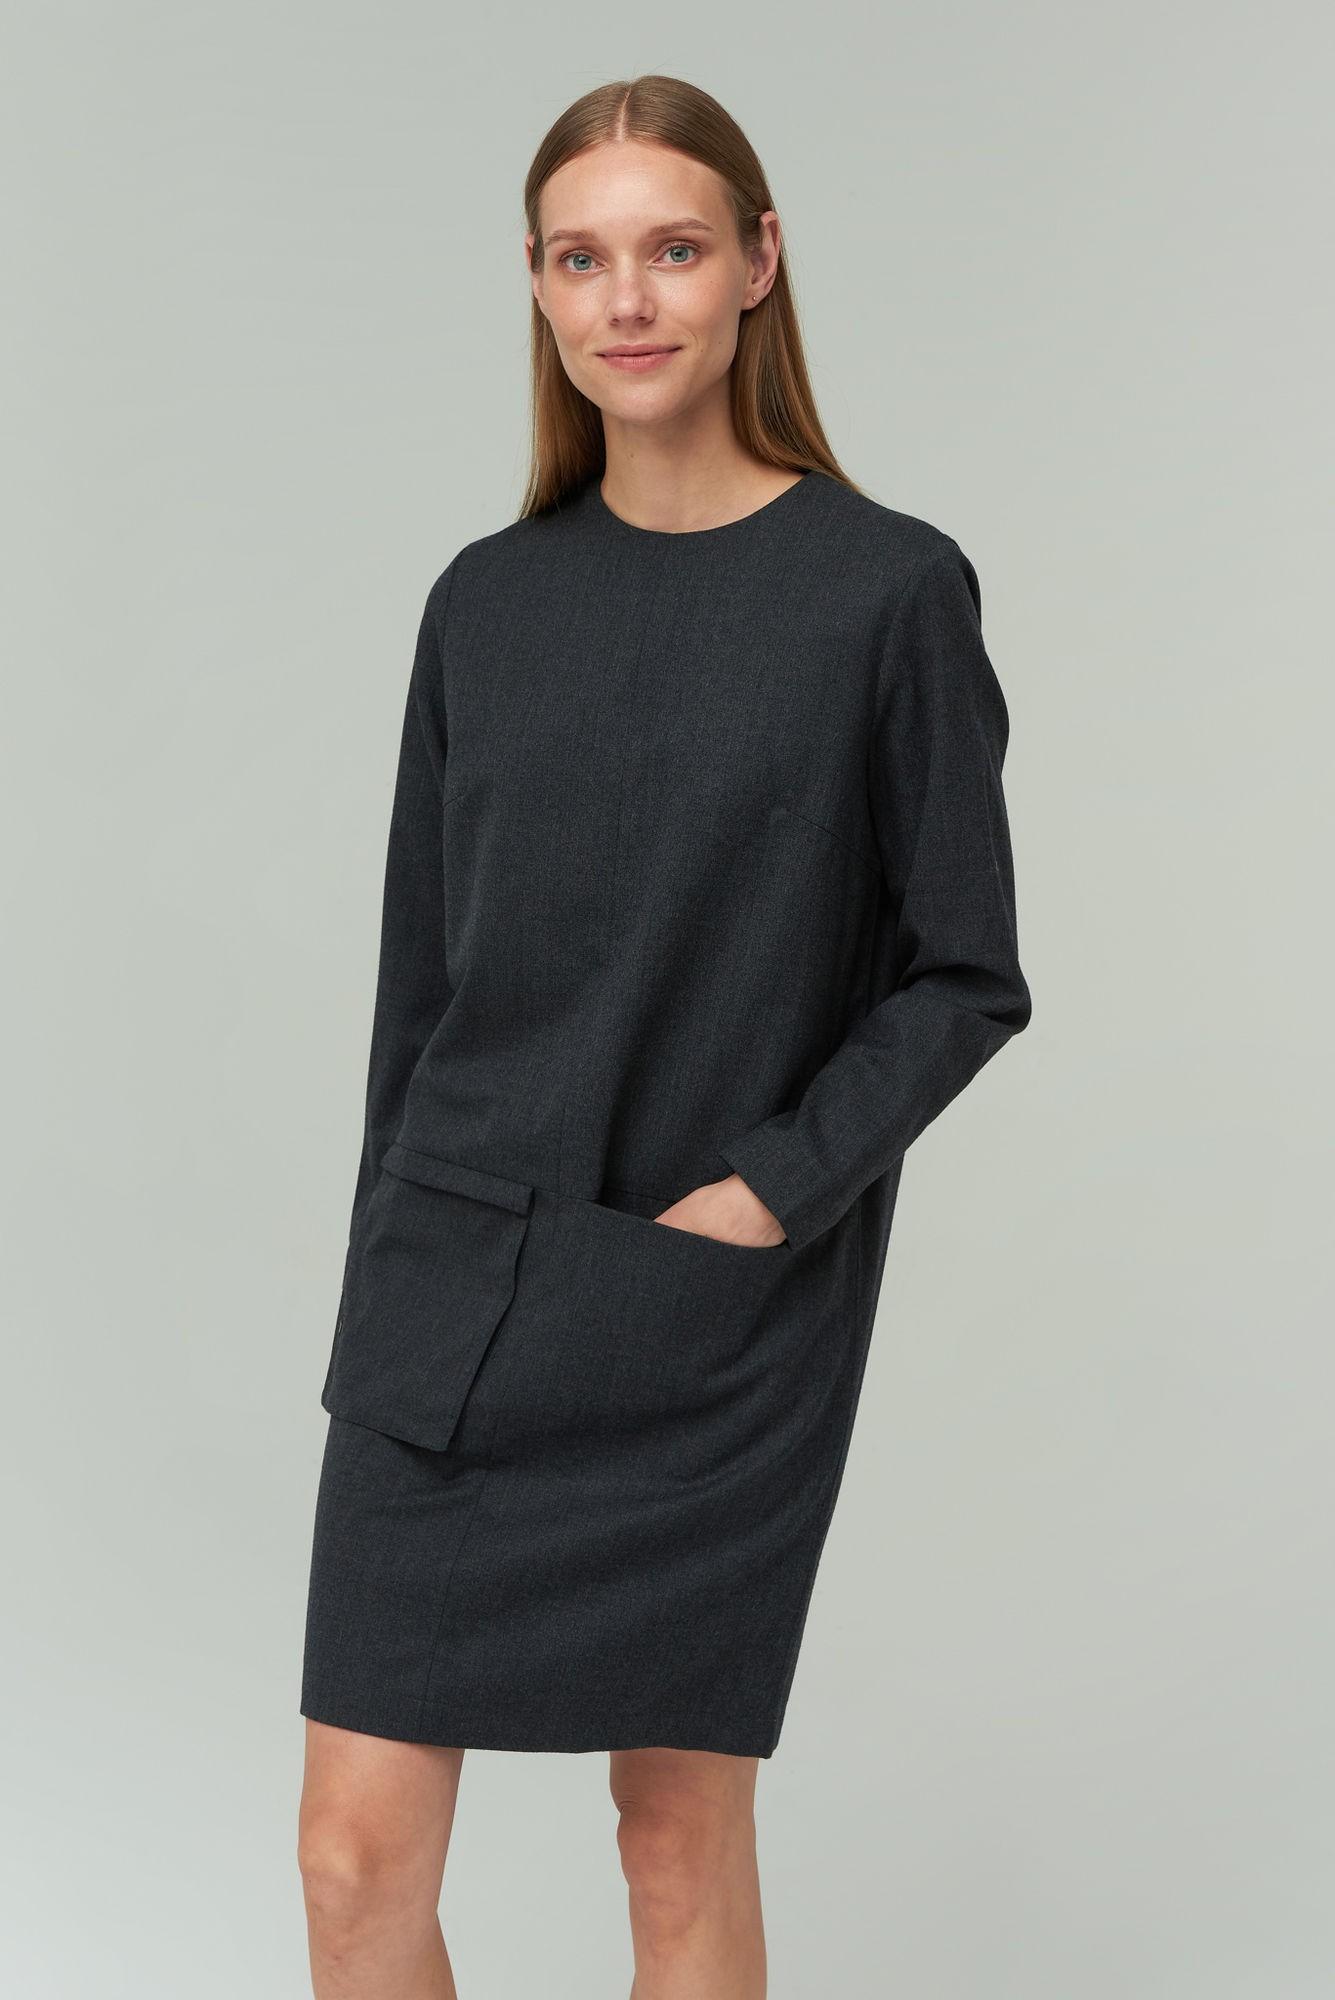 AUDIMAS Merino vilnos suknelė 20RM-003 Dark Grey Melange M